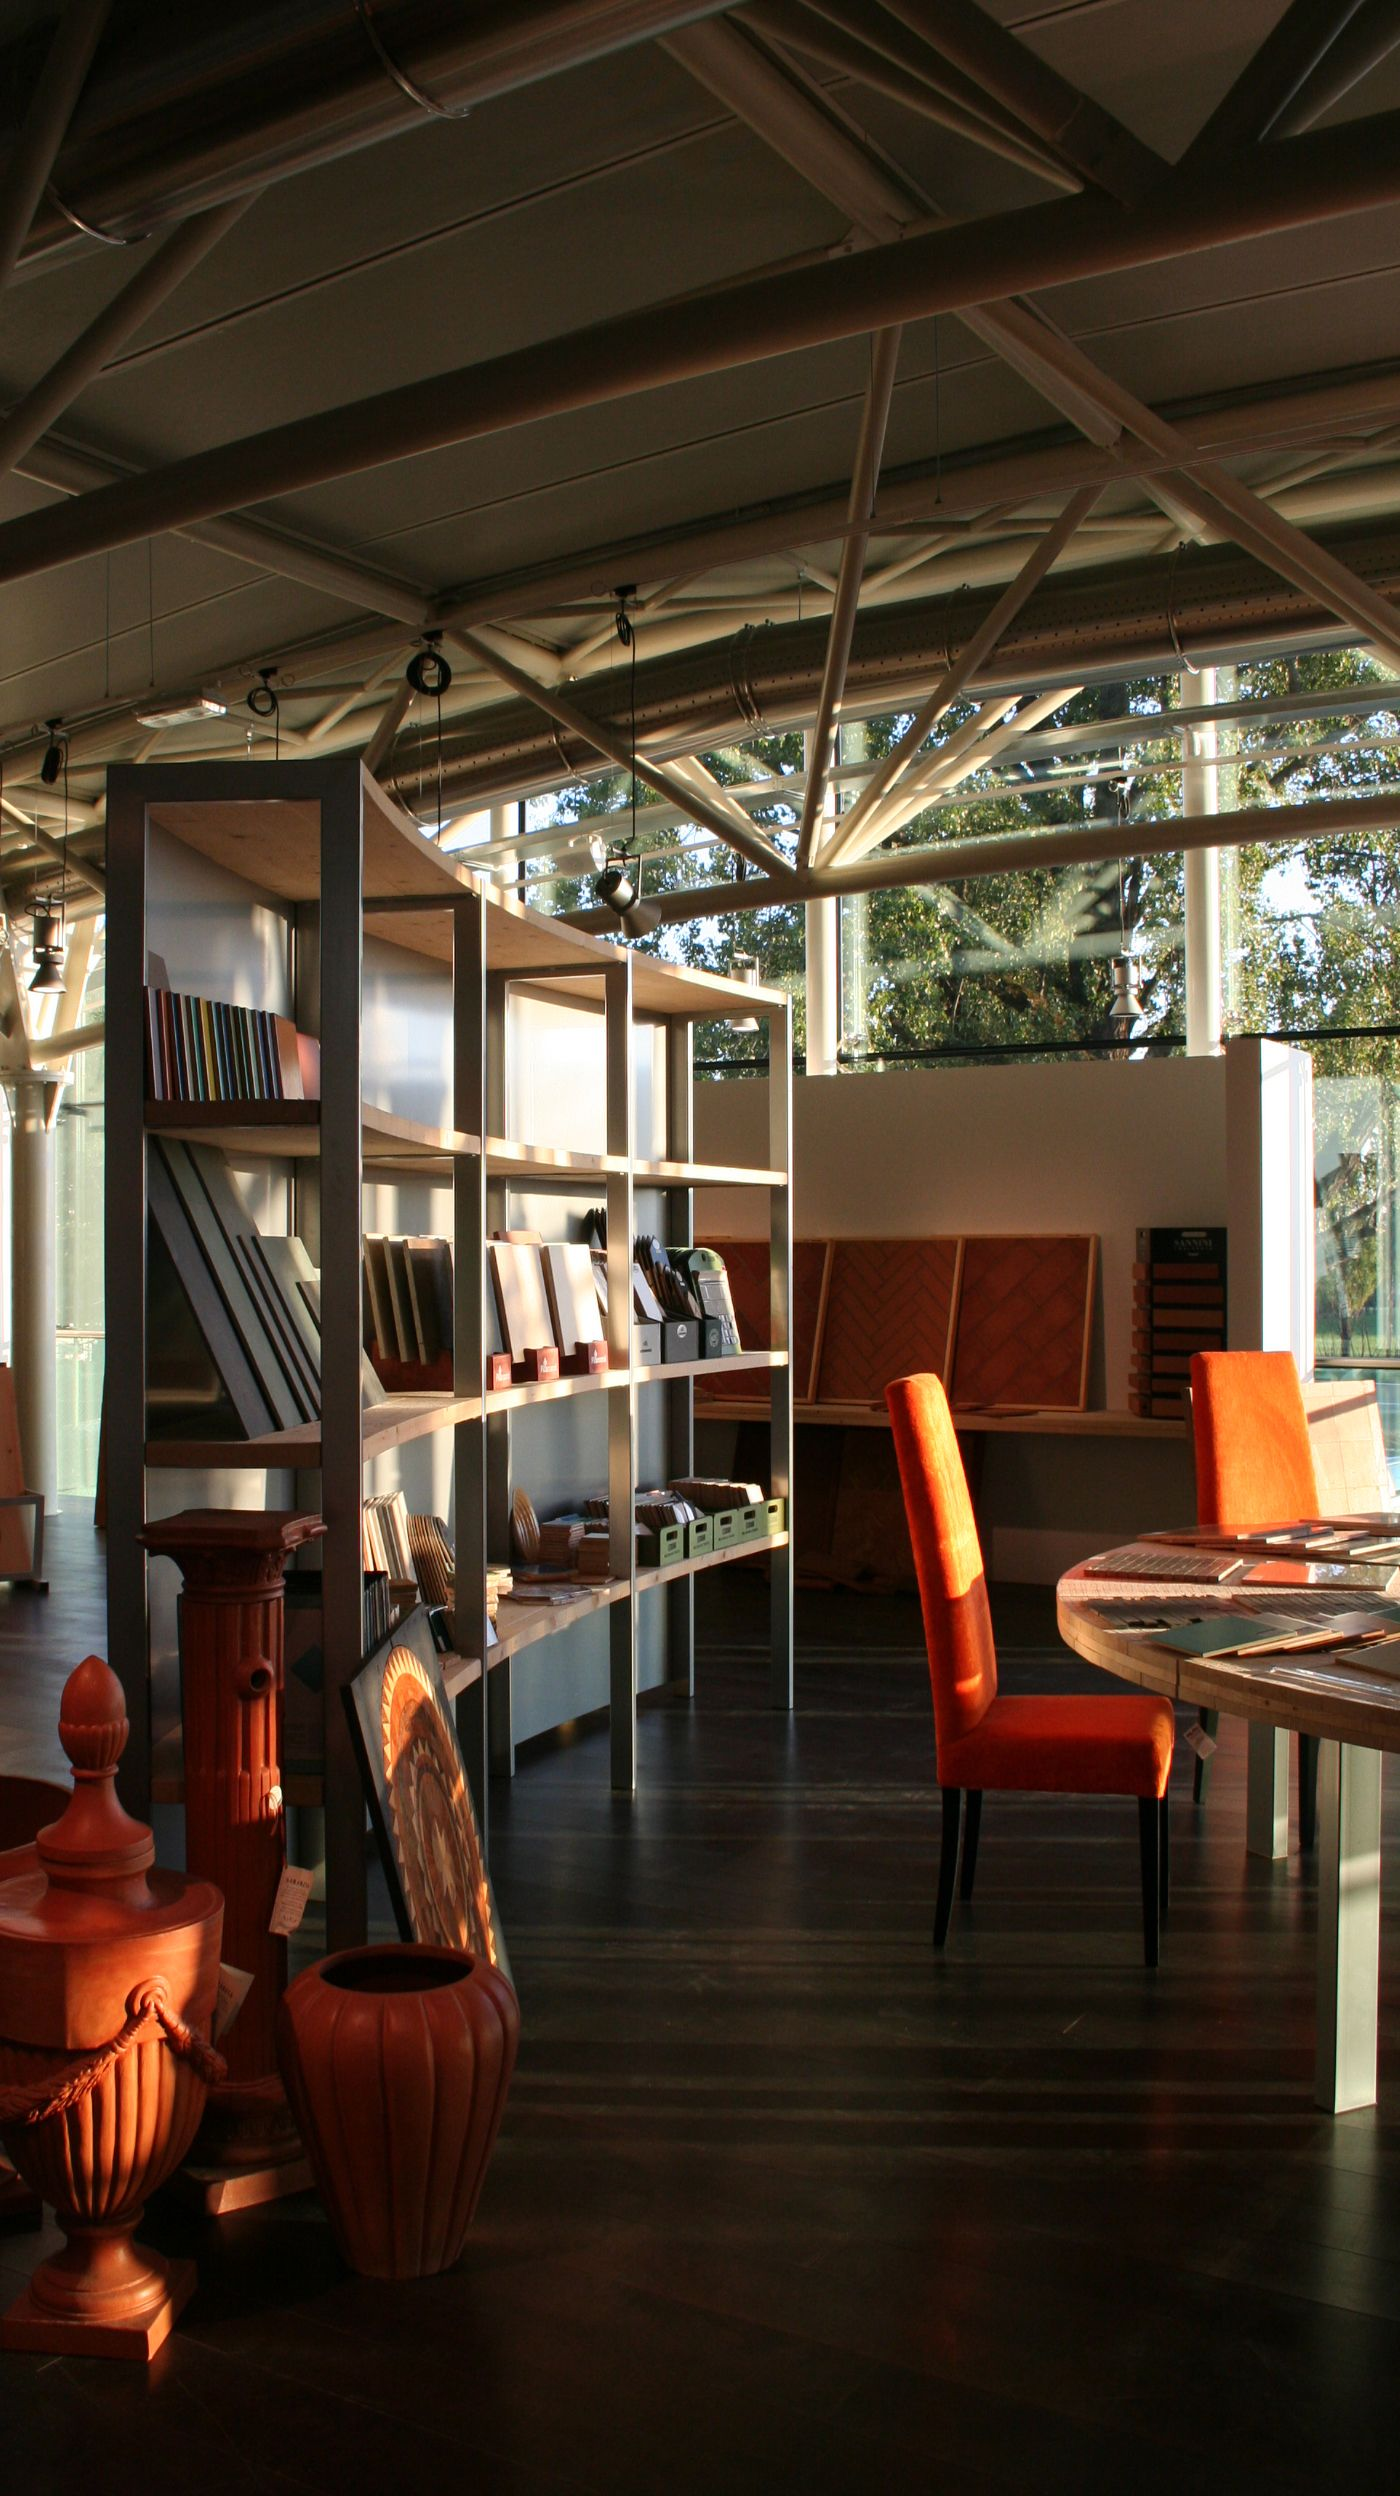 show room Loft moderni, Architettura, Studio di architettura